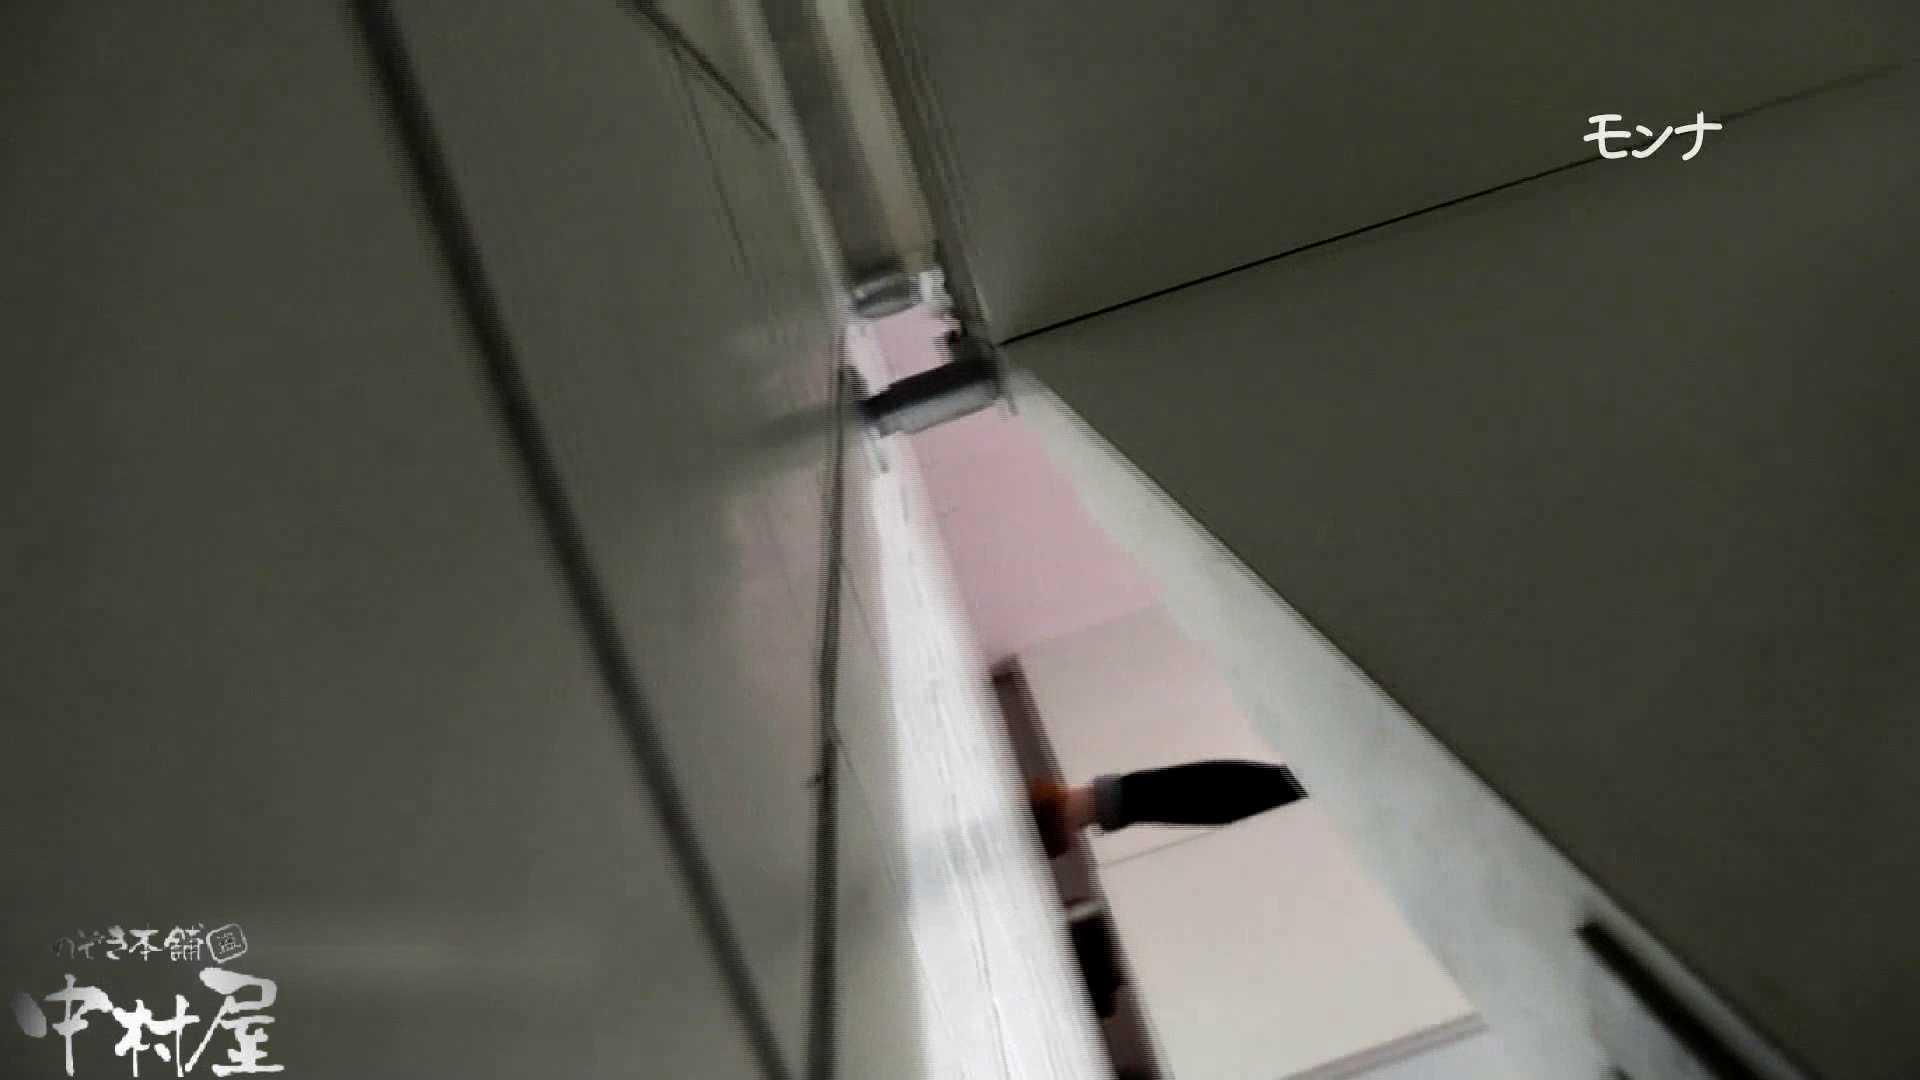 【美しい日本の未来 No.109】後編 盗撮シリーズ | おまんこ見放題  111PIX 99